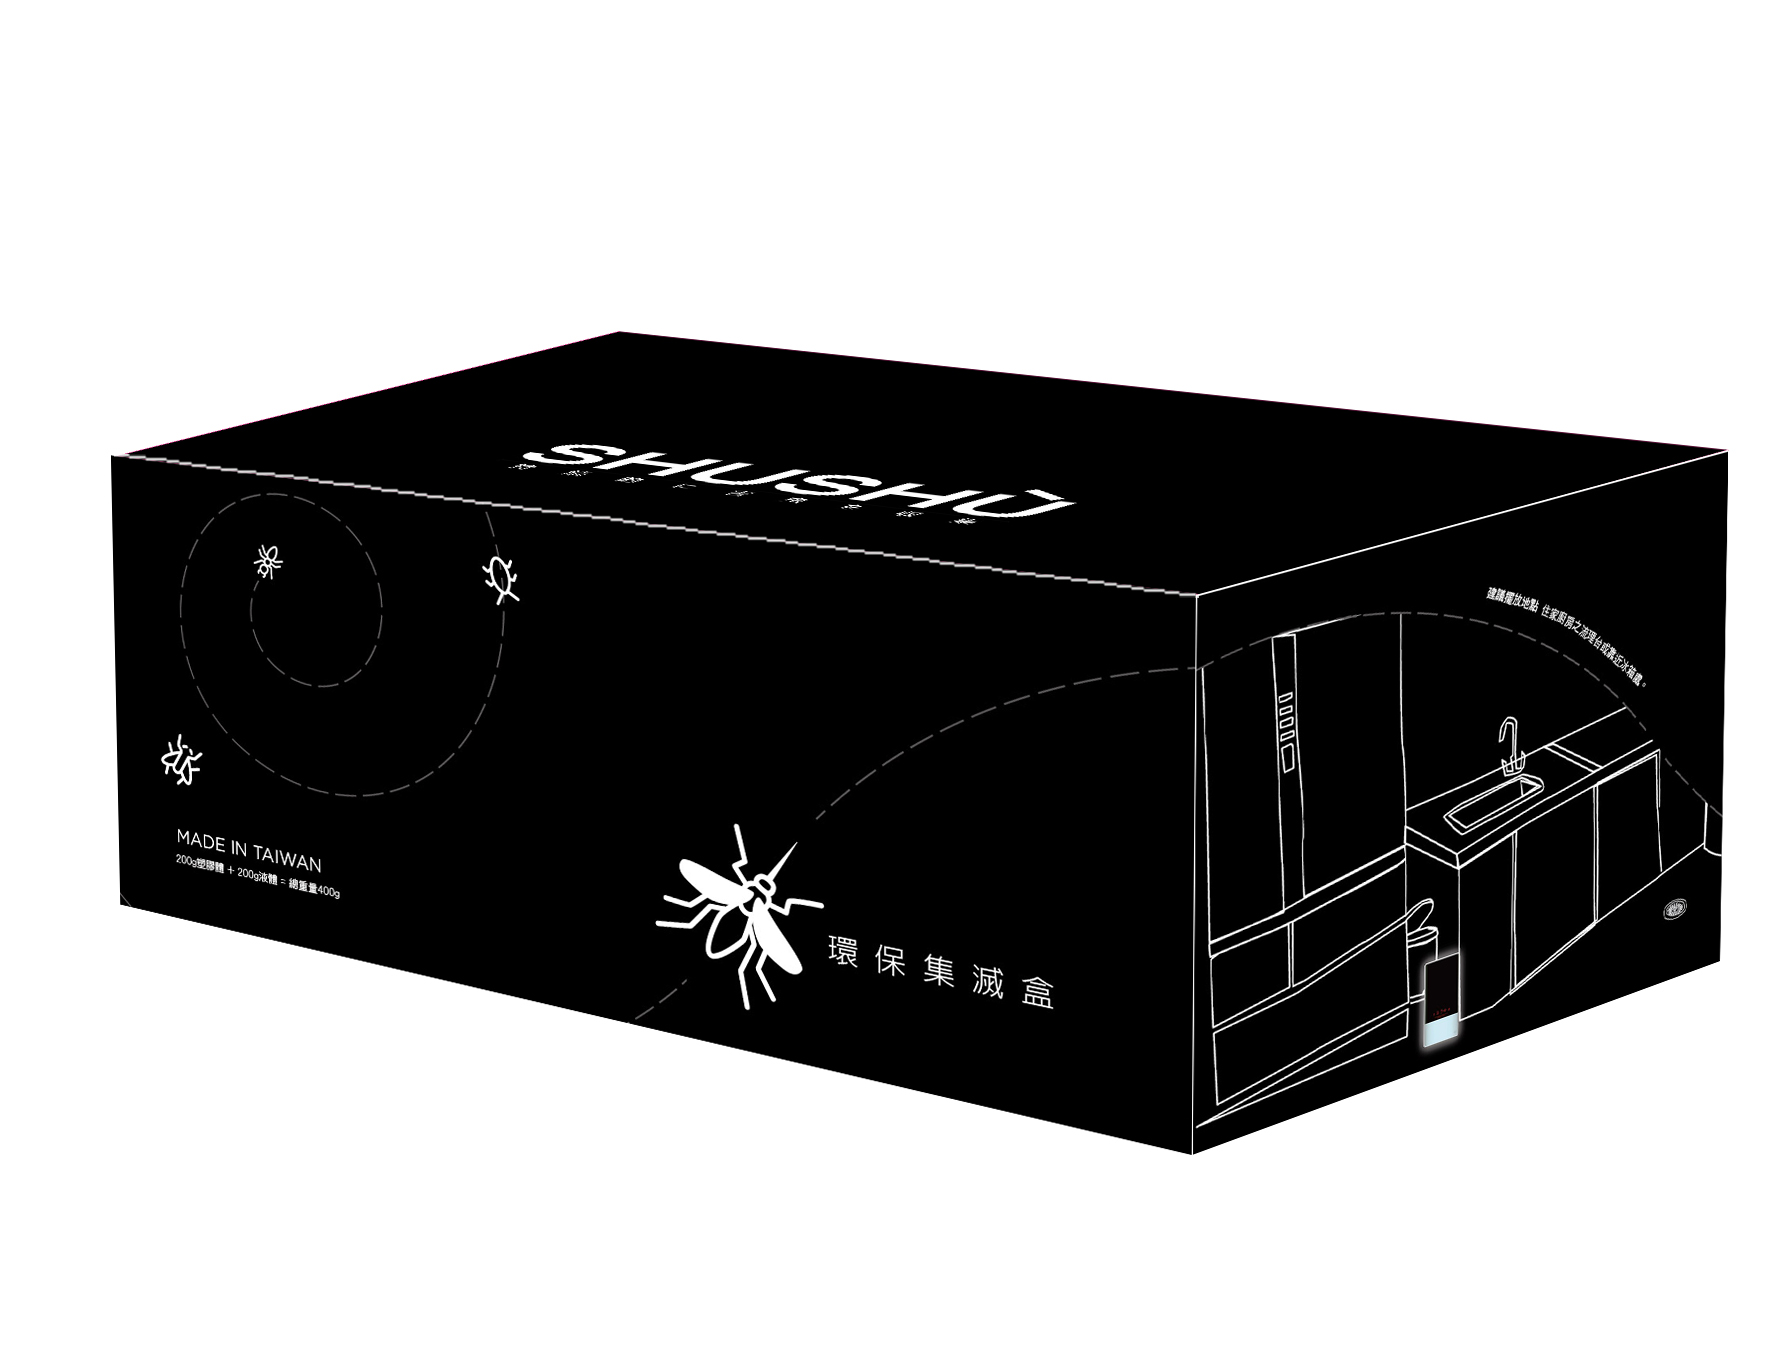 防蚊用品包裝設計|印刷